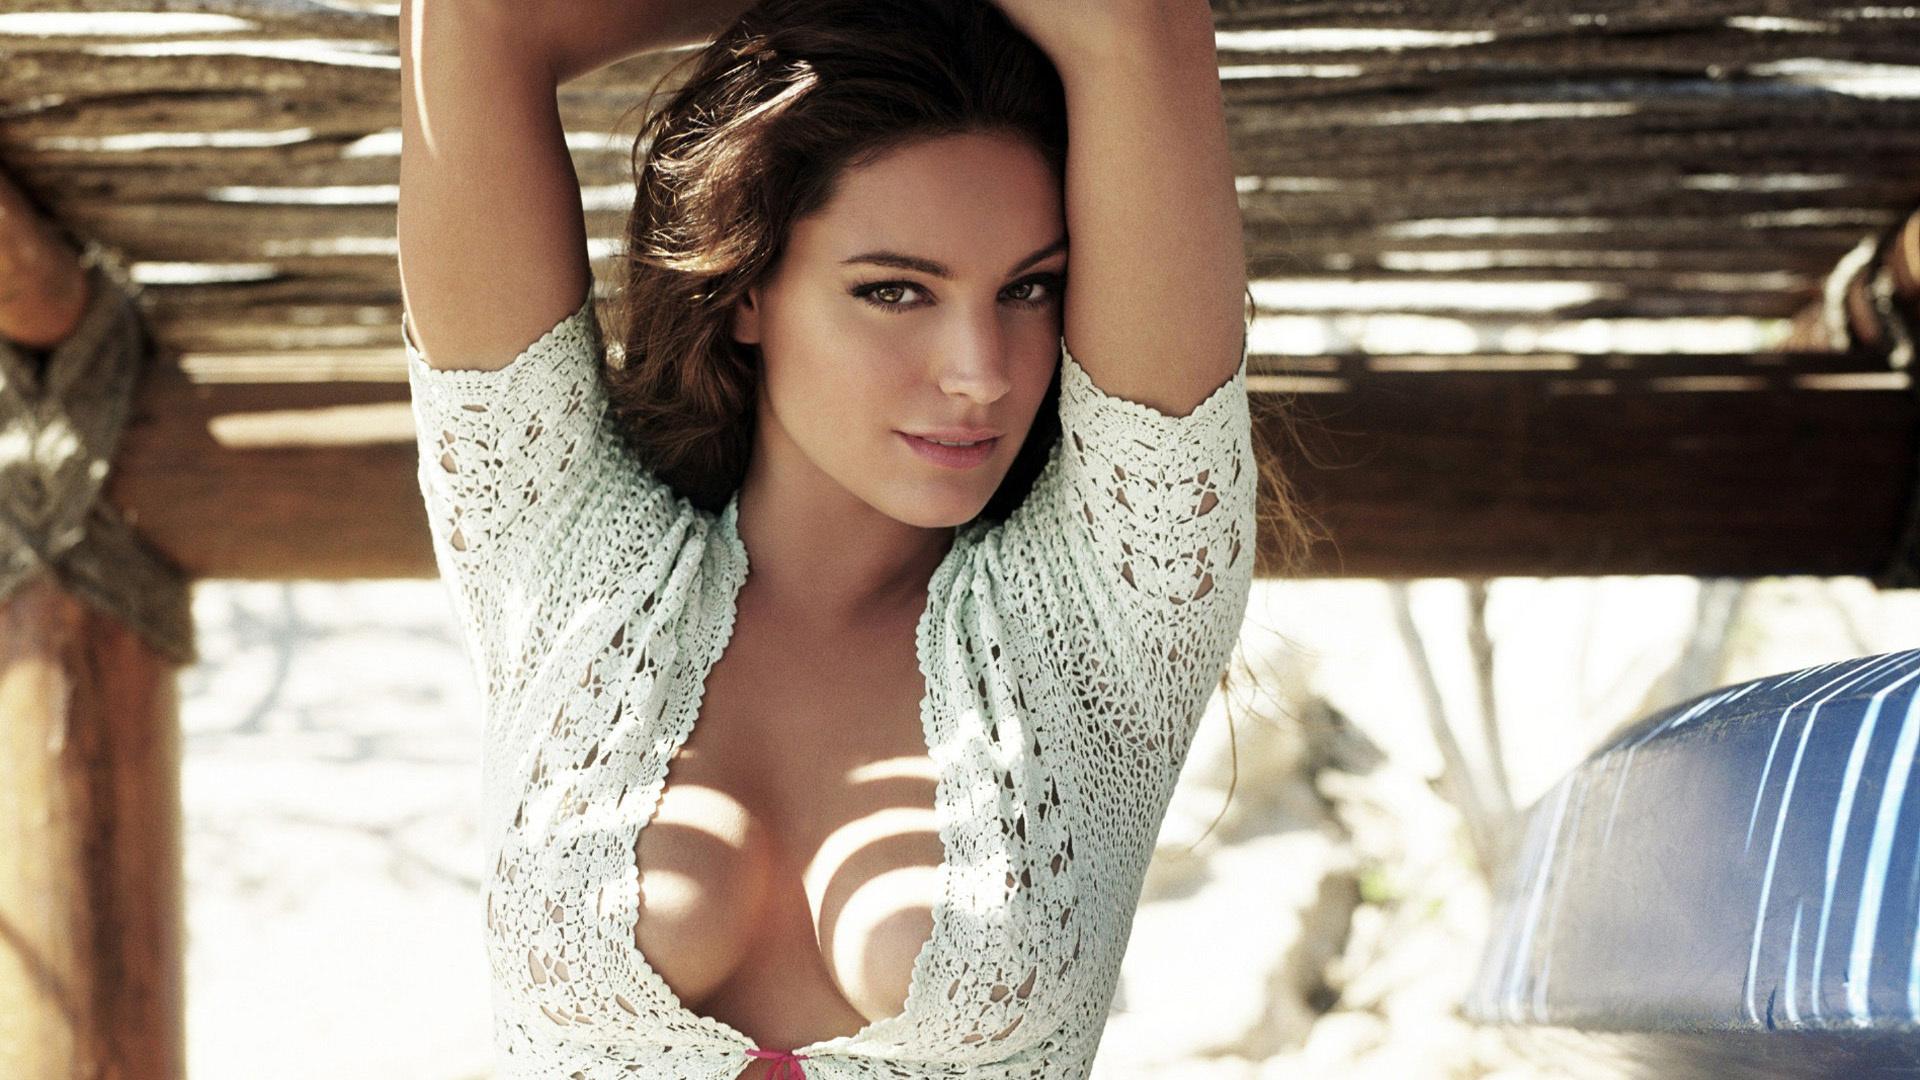 Самые красивые девушки нальчика голые 12 фотография